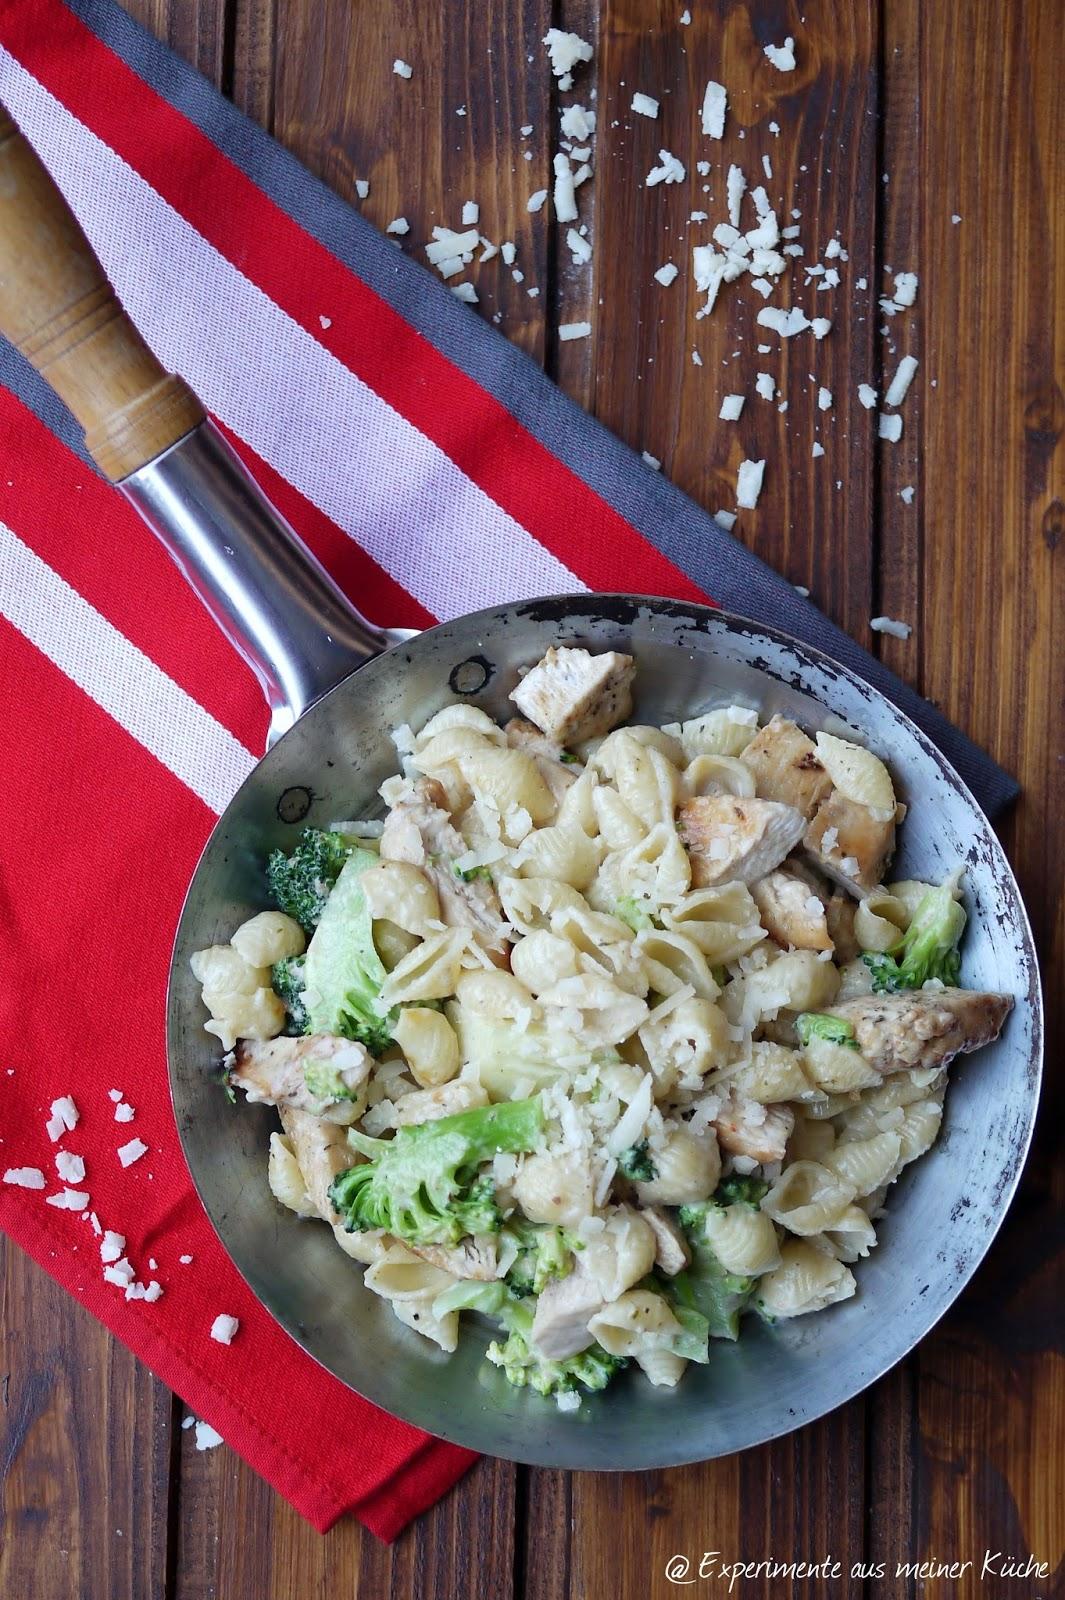 aus meiner Küche: Pasta Alfredo mit Hähnchen und Brokkoli